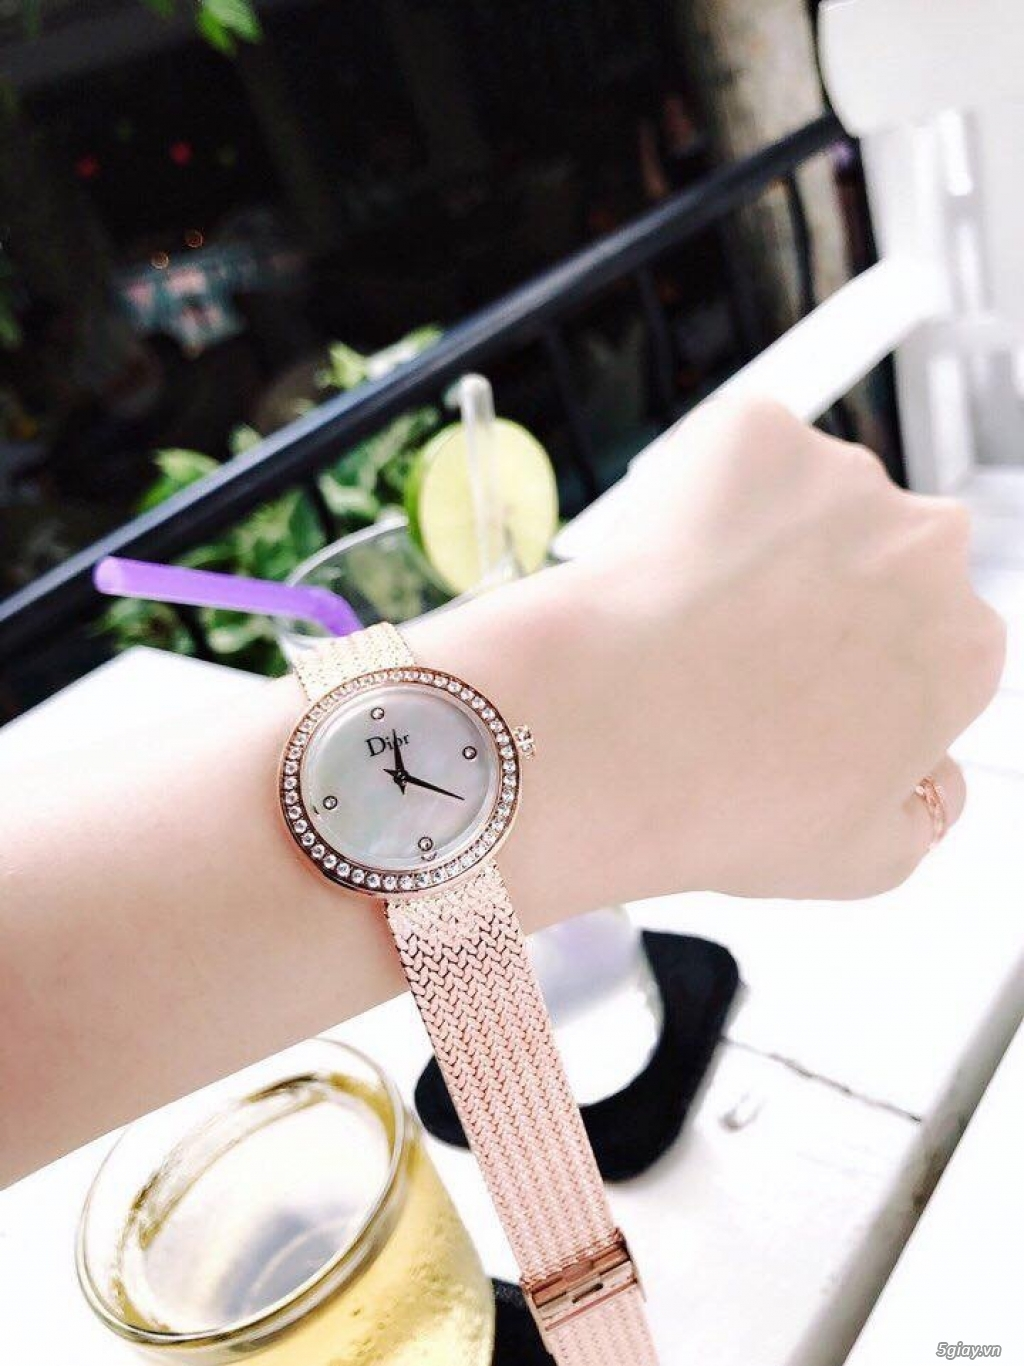 Đồng hồ xách tay tại biên hoà đồng nai, đồng hồ chính hãng